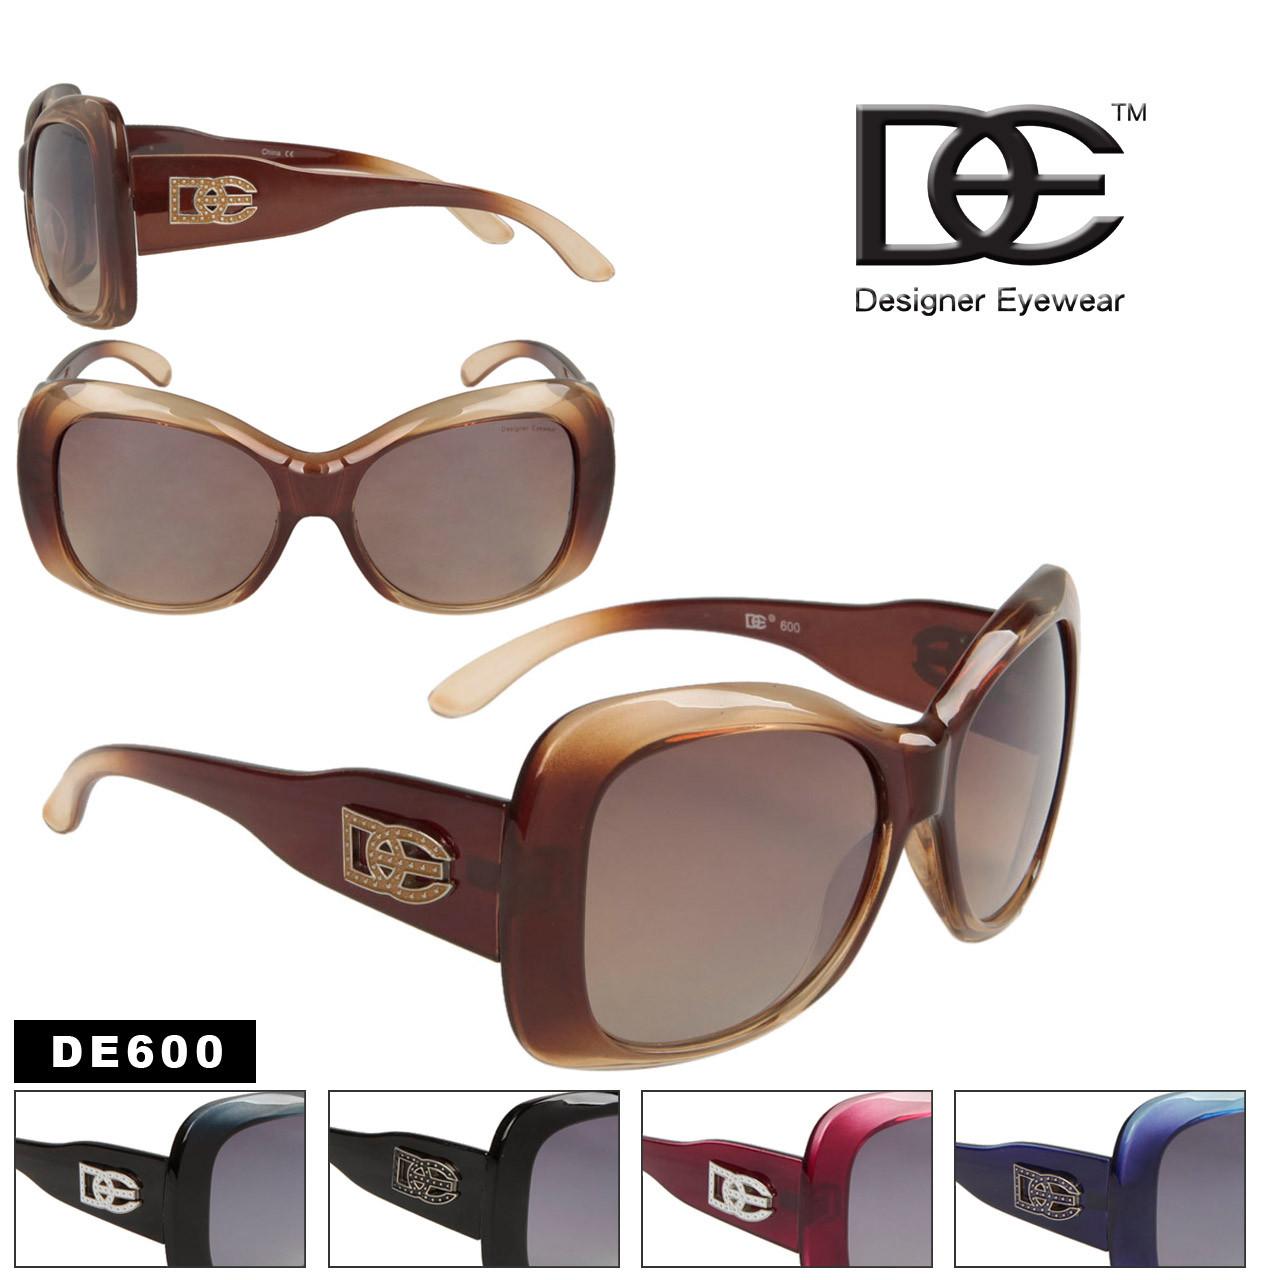 DE600 Ladies Designer Sunglasses